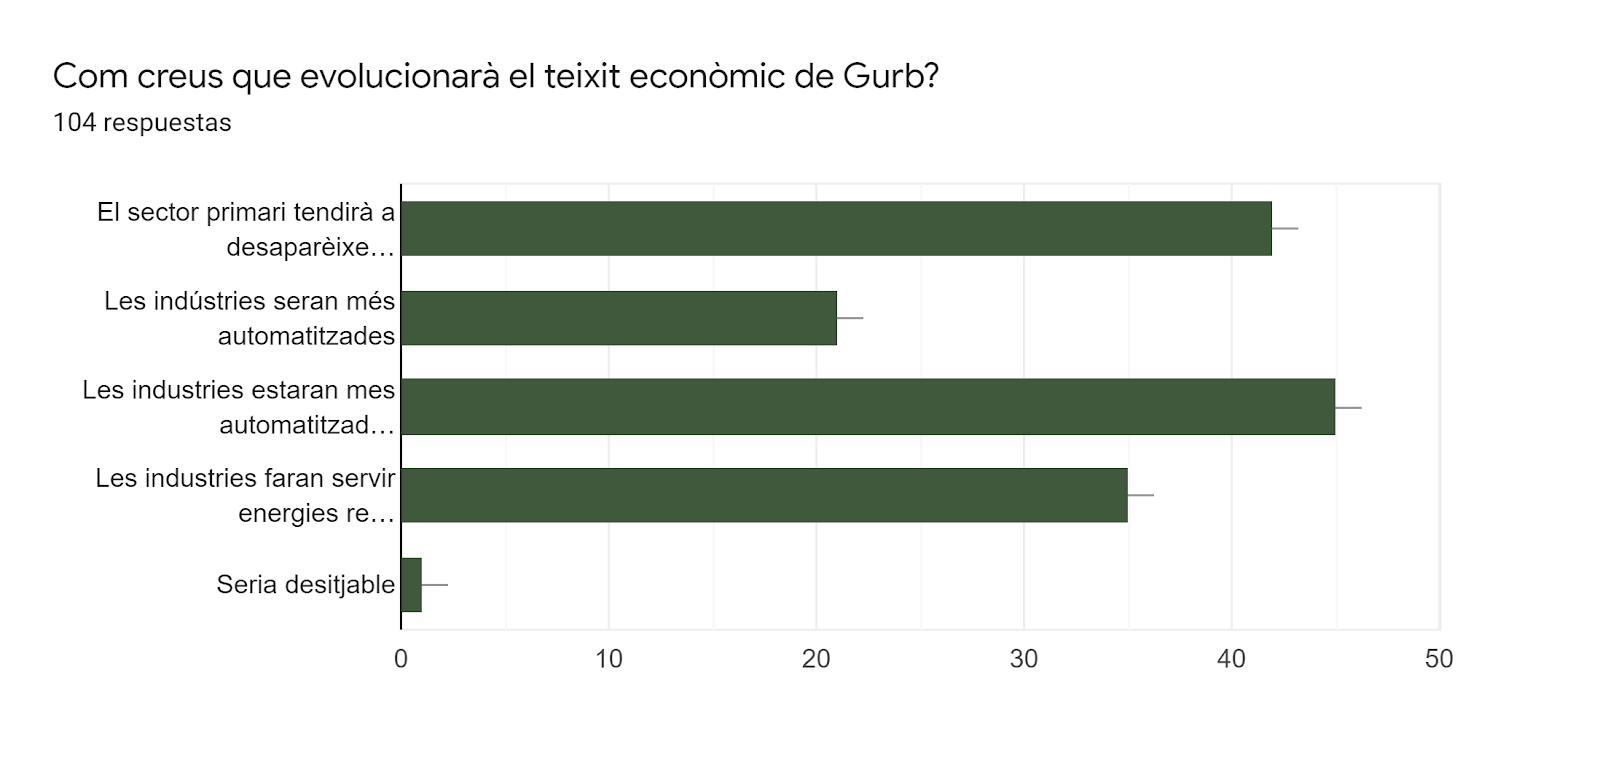 Gráfico de respuestas de formularios. Título de la pregunta:Com creus que evolucionarà el teixit econòmic de Gurb?. Número de respuestas:104 respuestas.